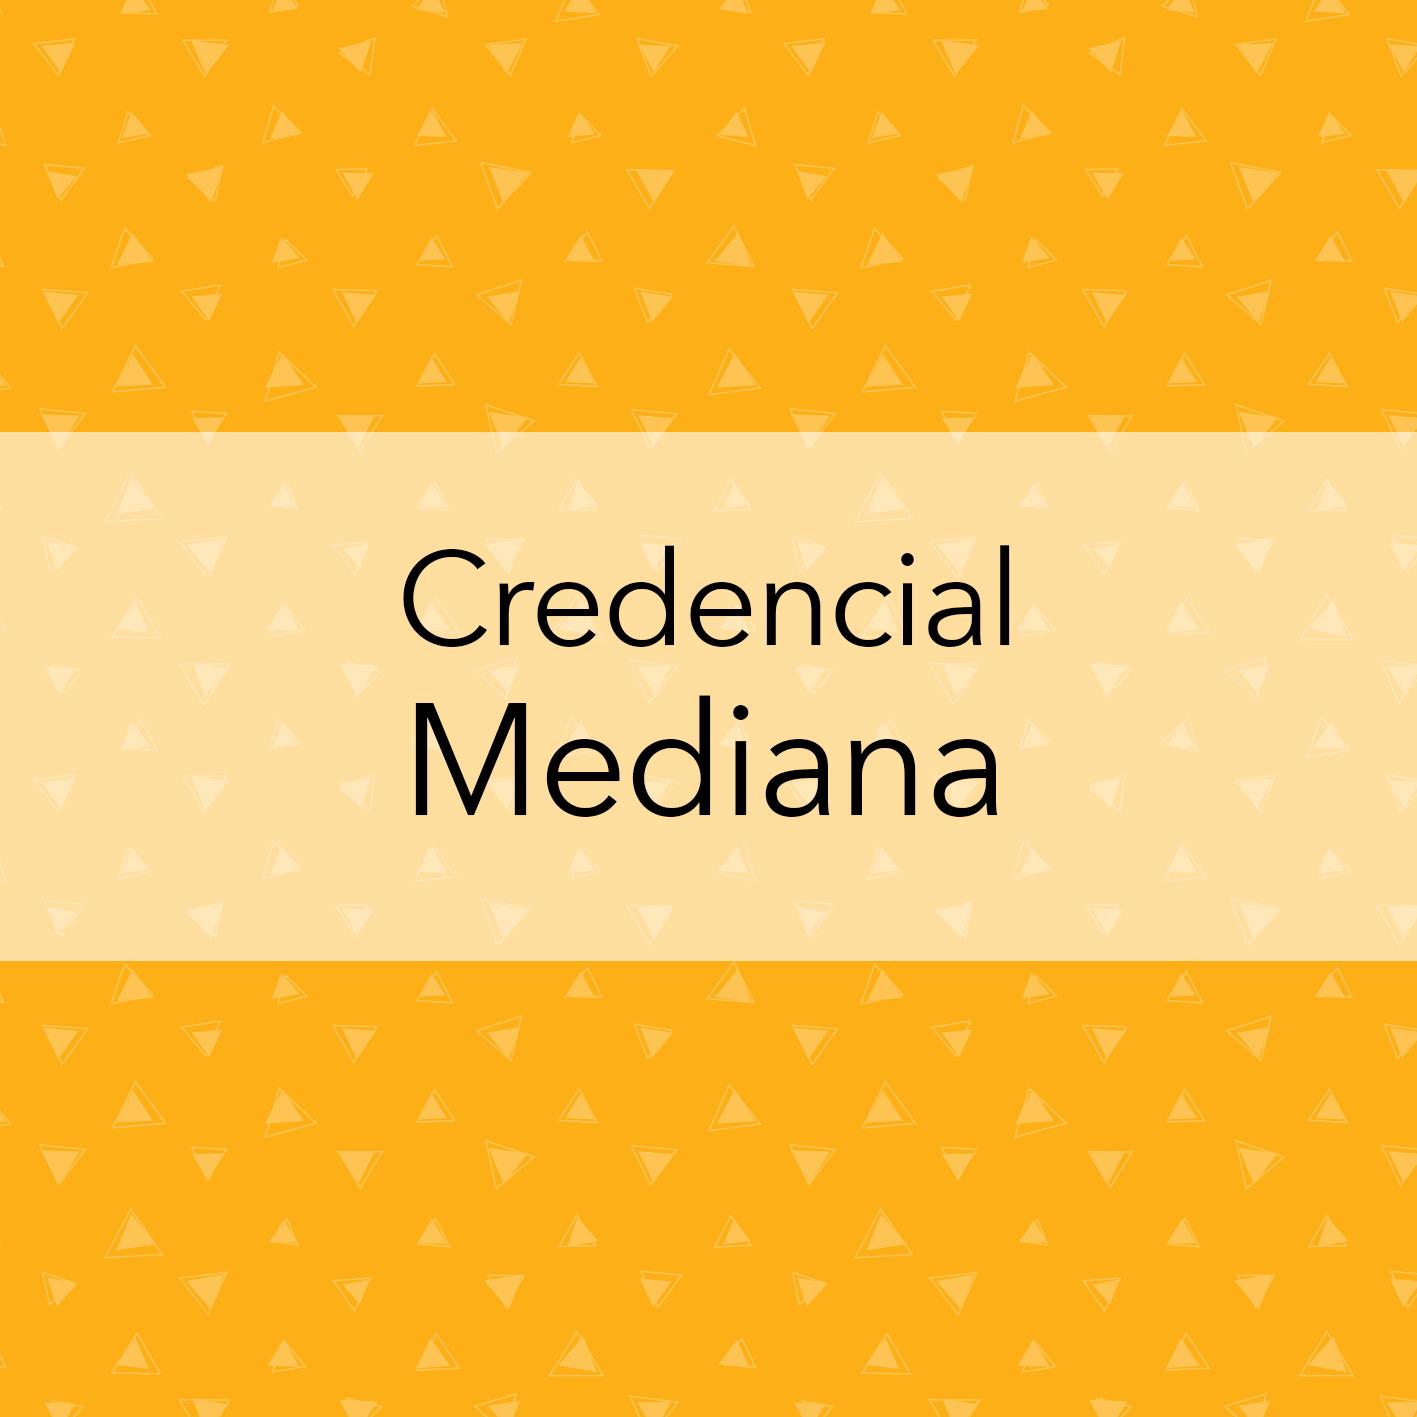 CREDENCIAL MEDIANA